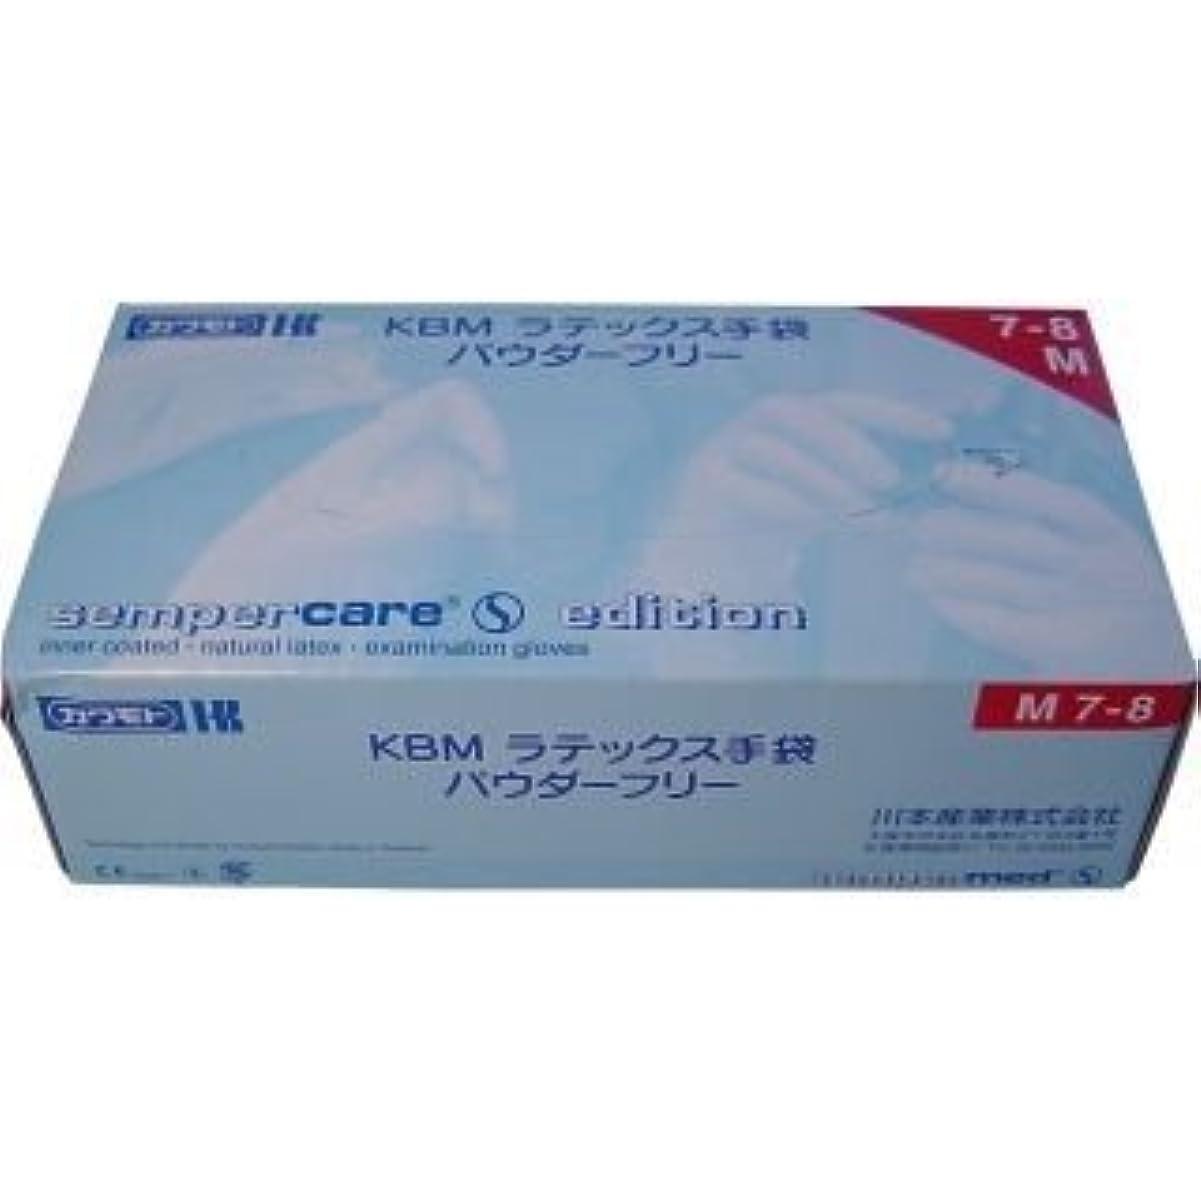 掃くフォアタイプKBMラテックス手袋 パウダーフリー Mサイズ 100枚入【2個セット】